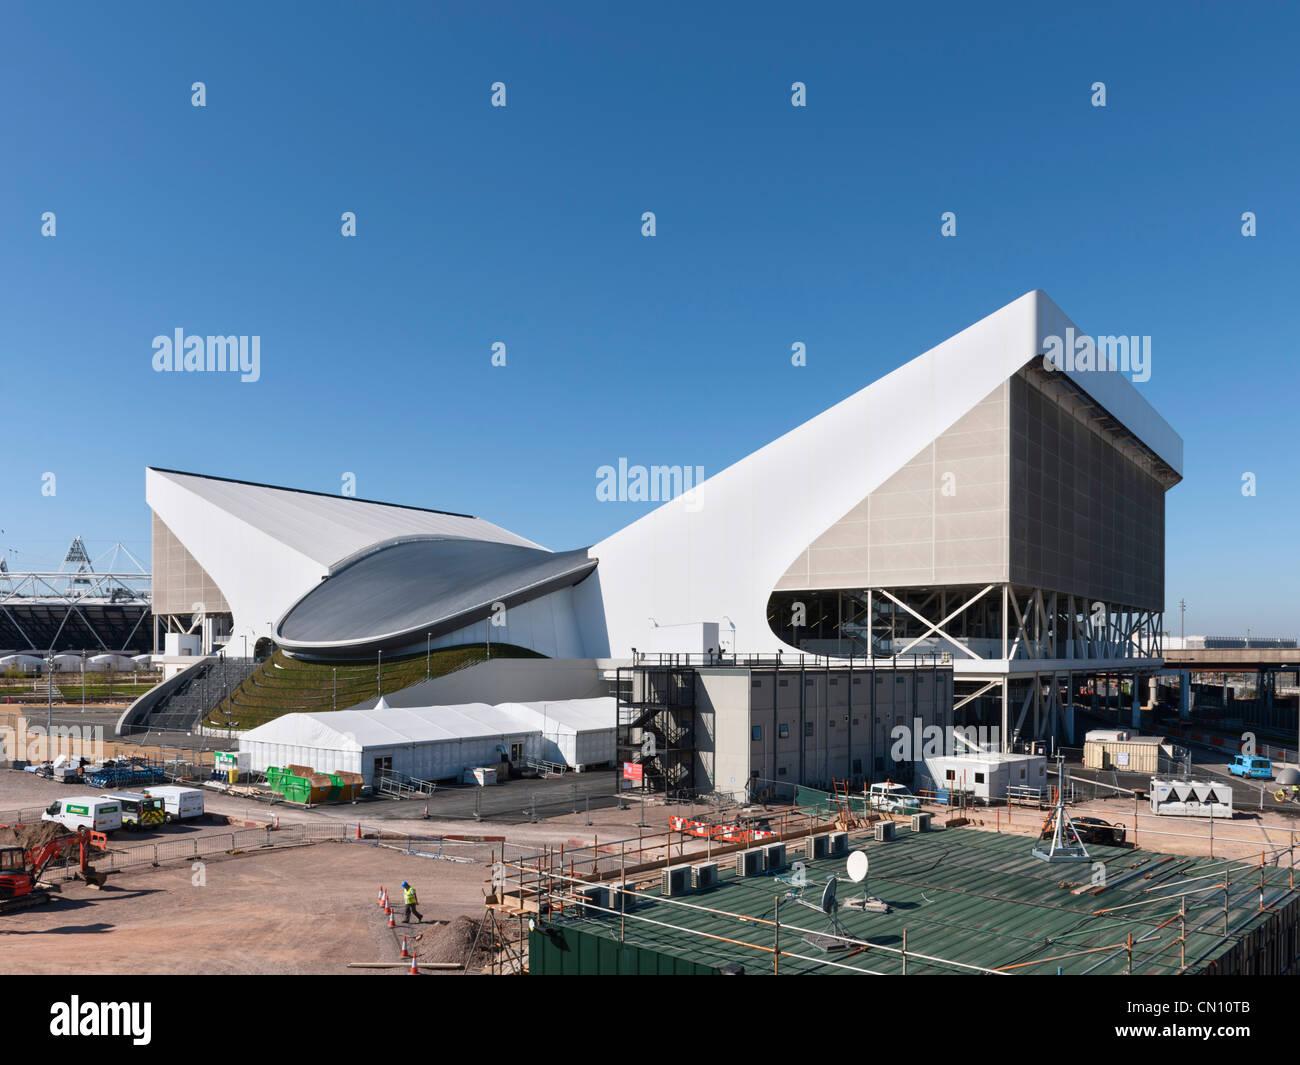 Aquatics Centre by Zaha Hadid London Olympics under construction 26th March 2012 - Stock Image